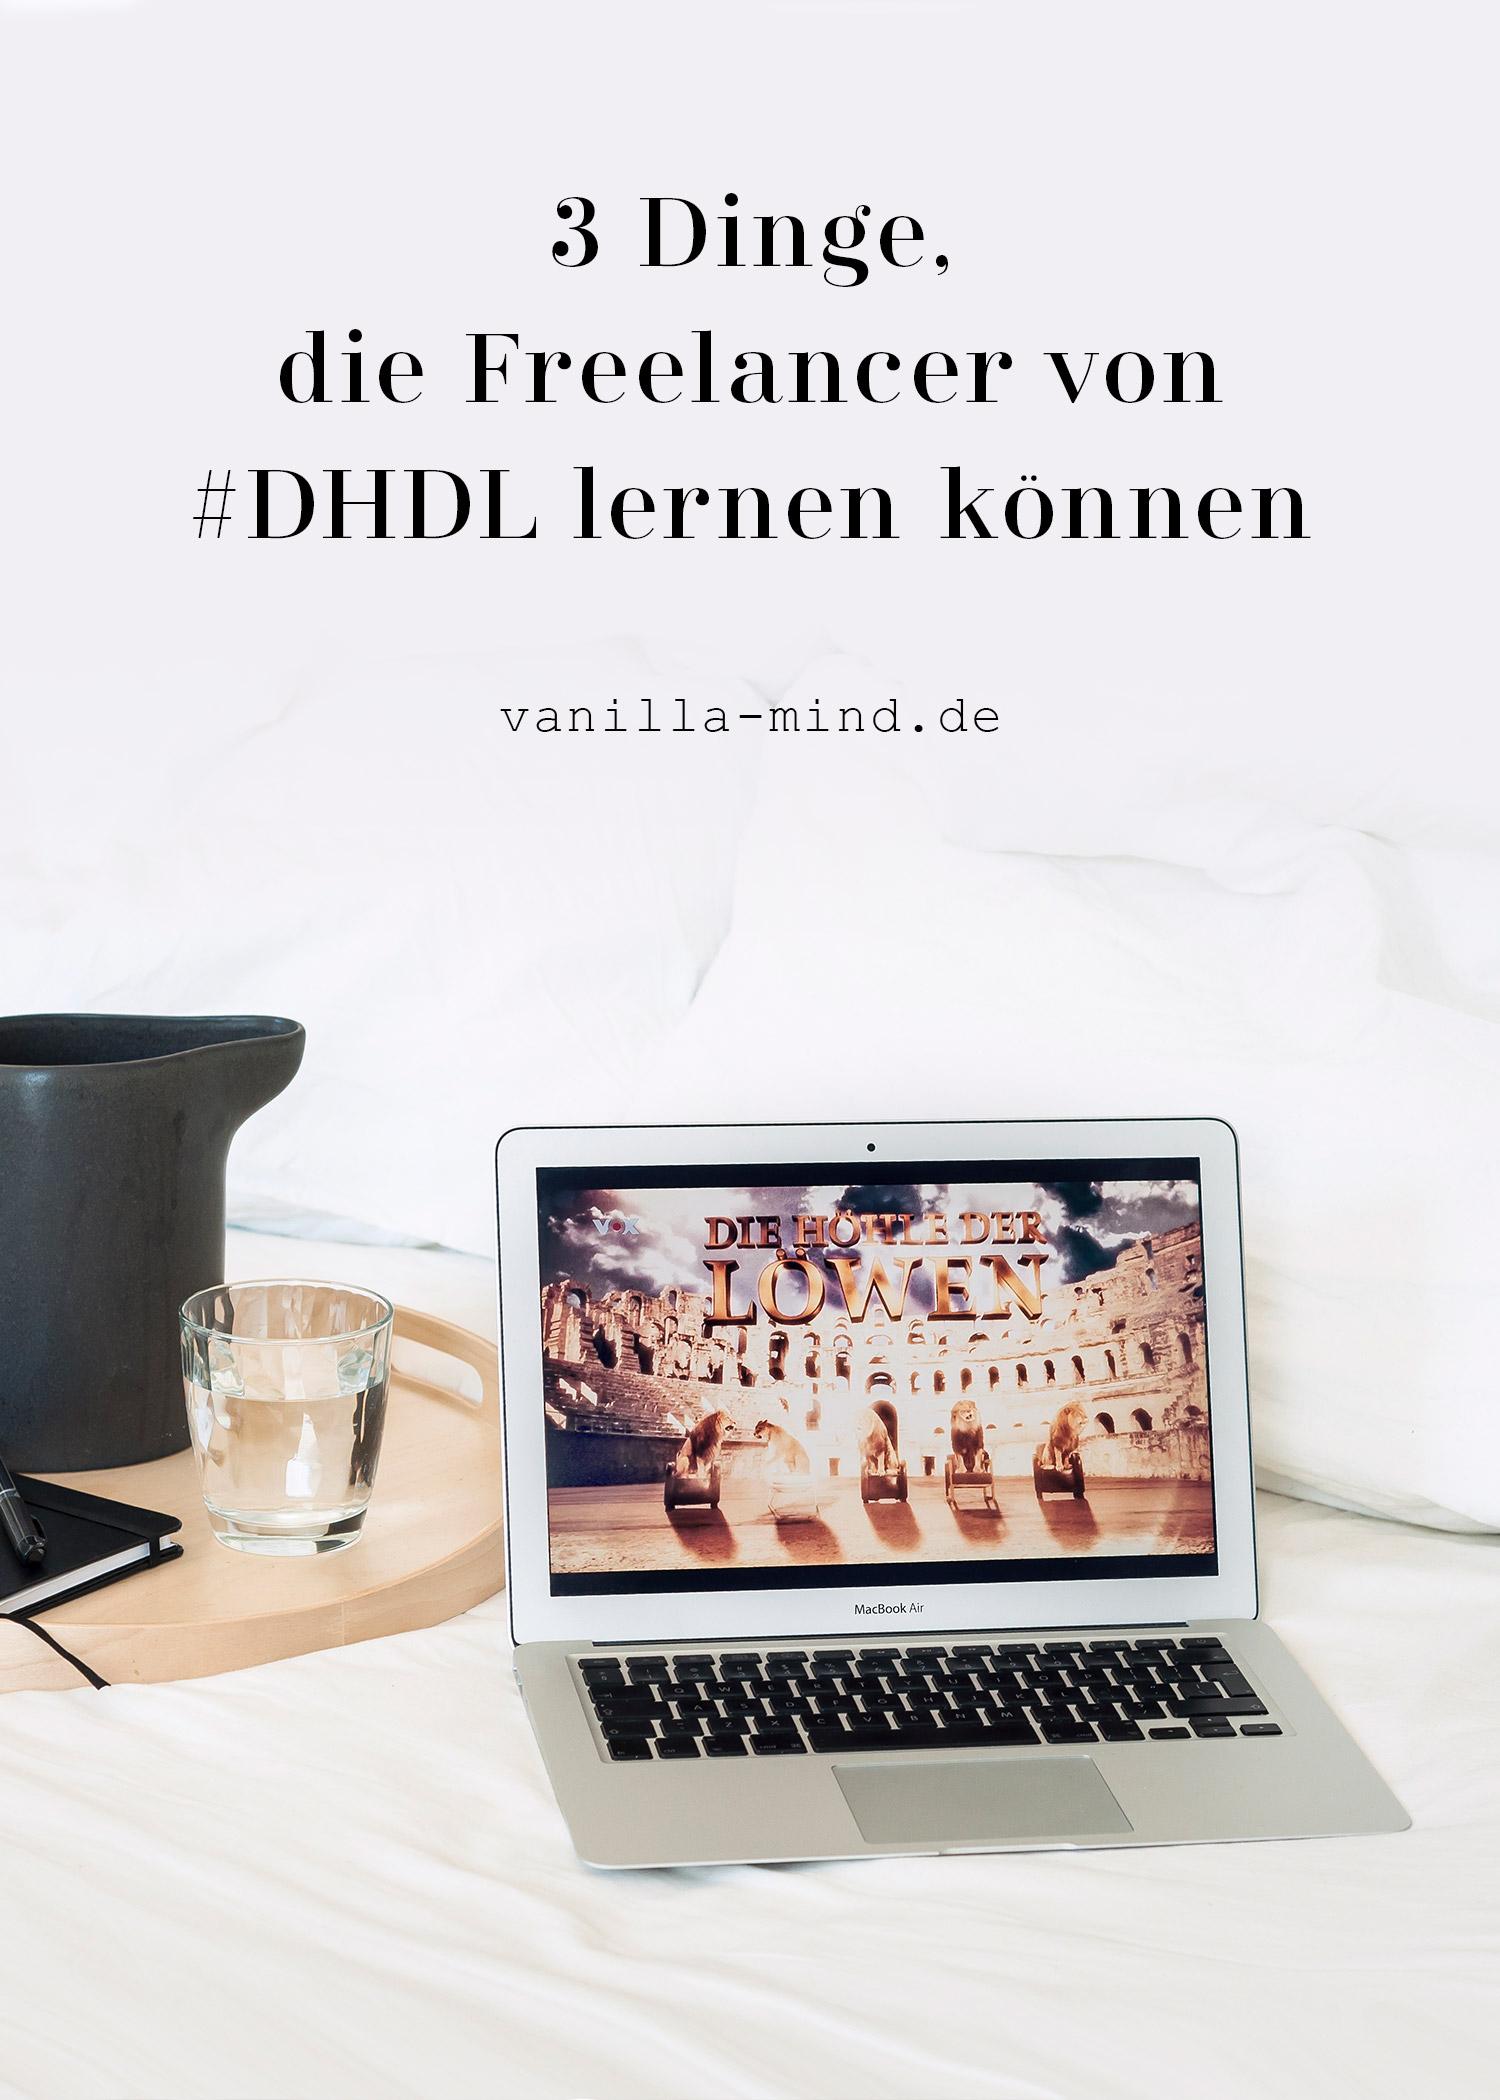 Für mich ist #DHDL mehr als Unterhaltung mit markigen Sprüchen. Ich habe einige Punkte entdeckt, von denen jeder lernen kann! #business #arbeit #job #freelancer